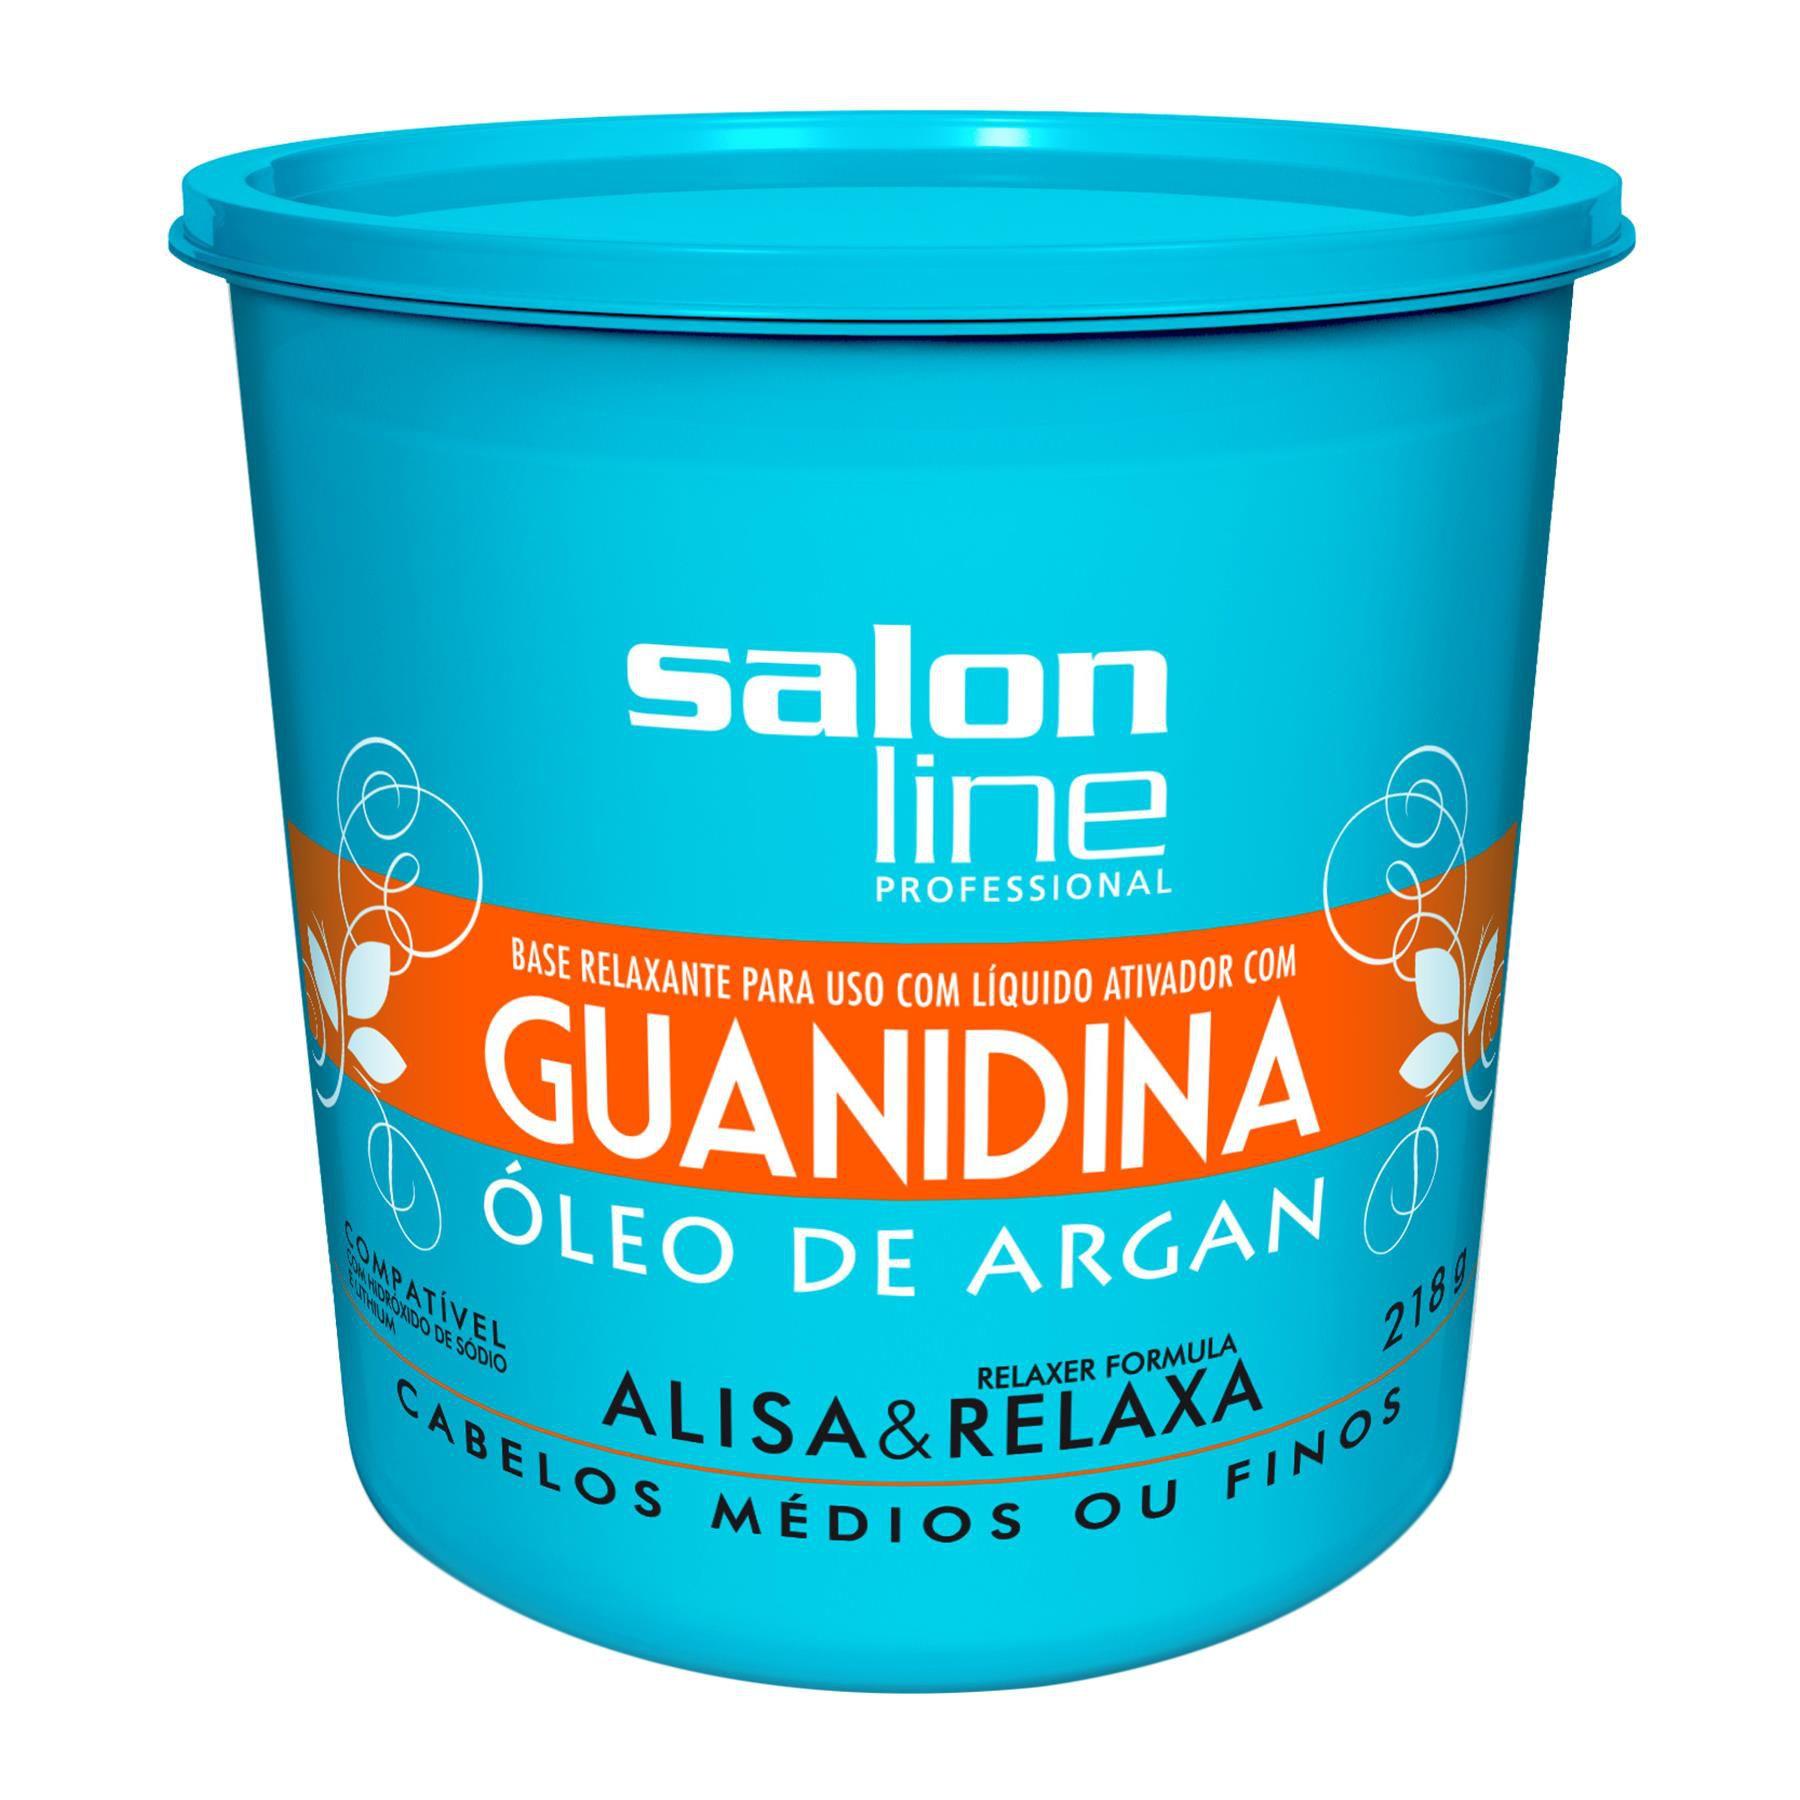 Salon Line Base Relaxante de Guanidina com Óleo de Argan para Cabelos Médios ou Finos 218g